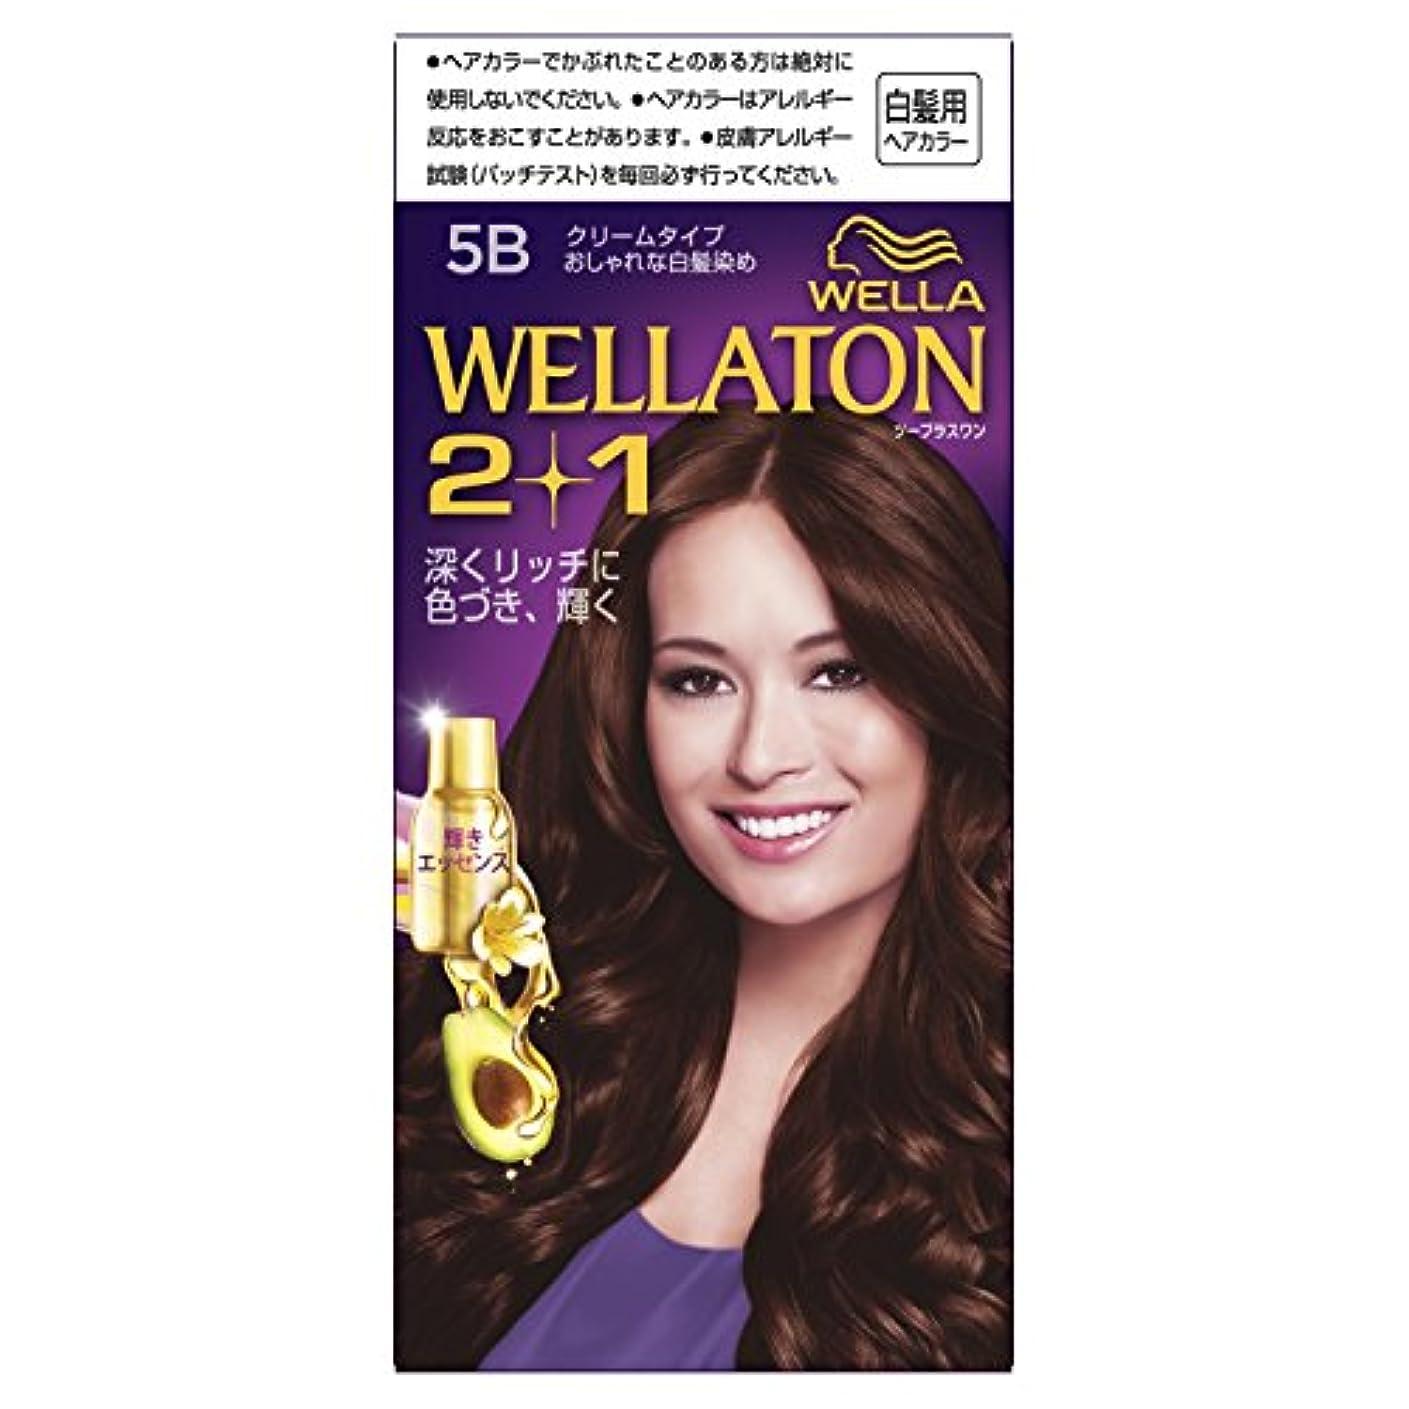 衣類精度外国人ウエラトーン2+1 クリームタイプ 5B [医薬部外品](おしゃれな白髪染め)